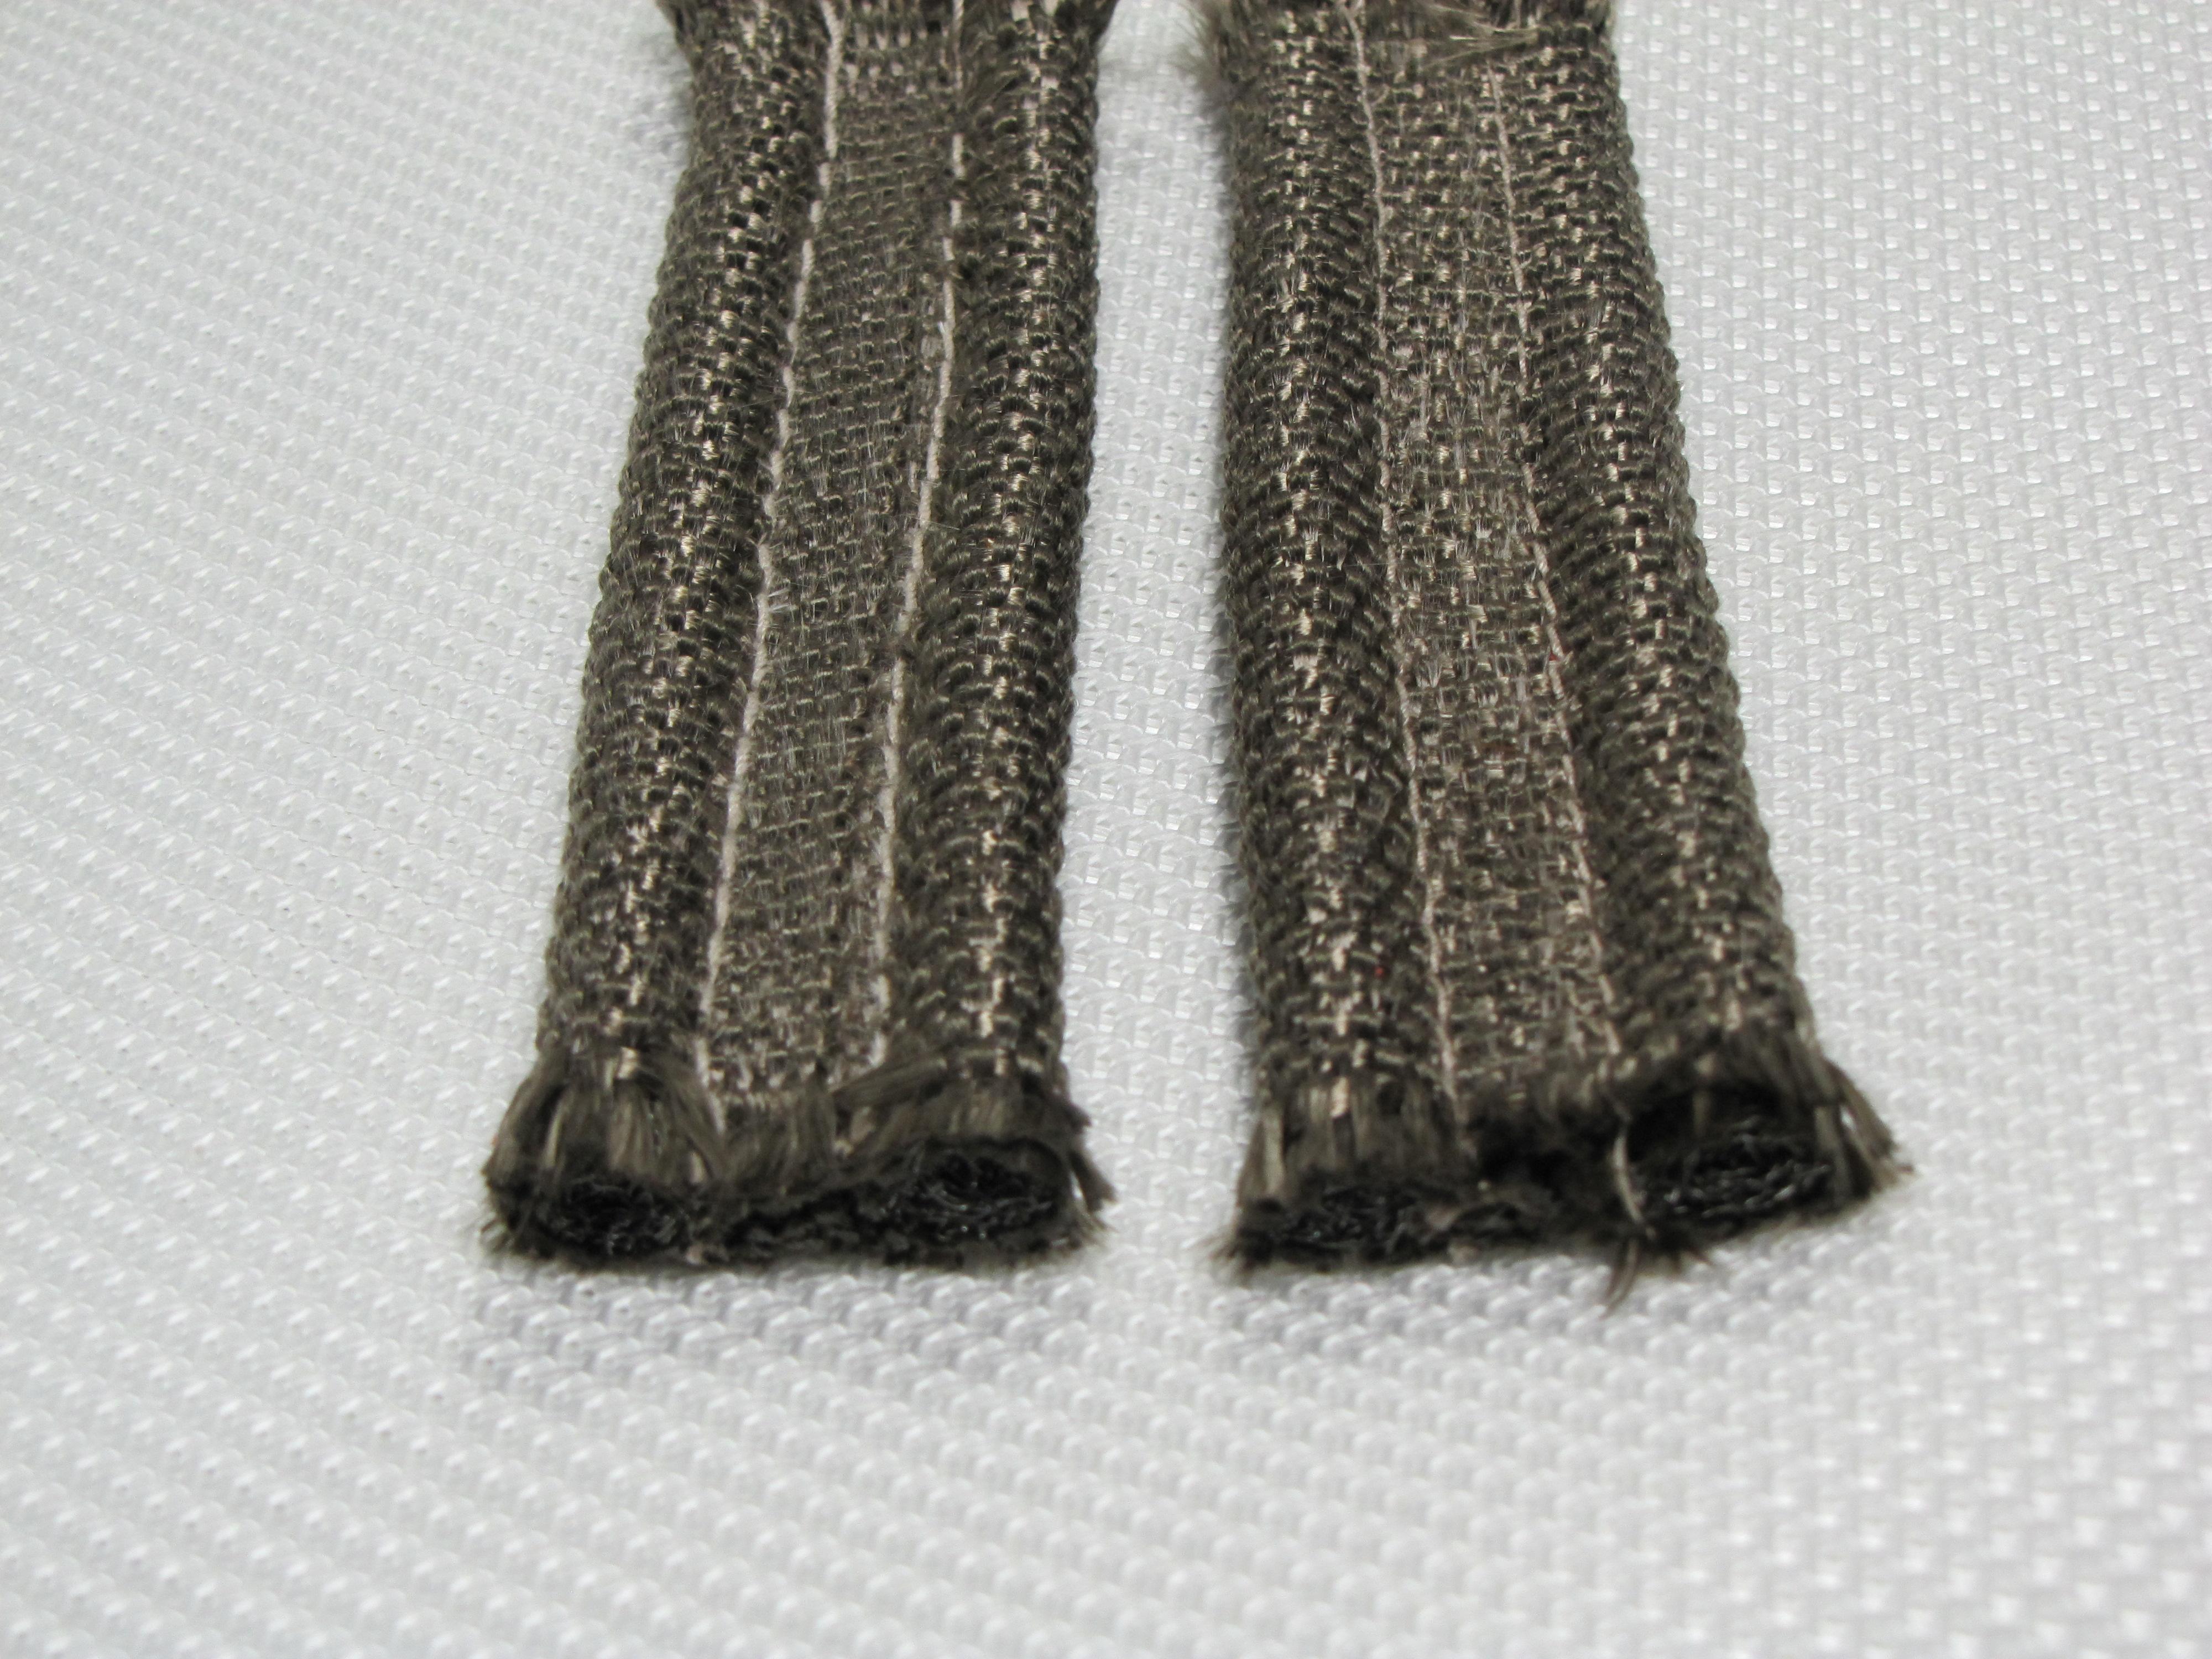 Basalt Woven Cloth Cover Inconel Wire Mesh Core Tadpole